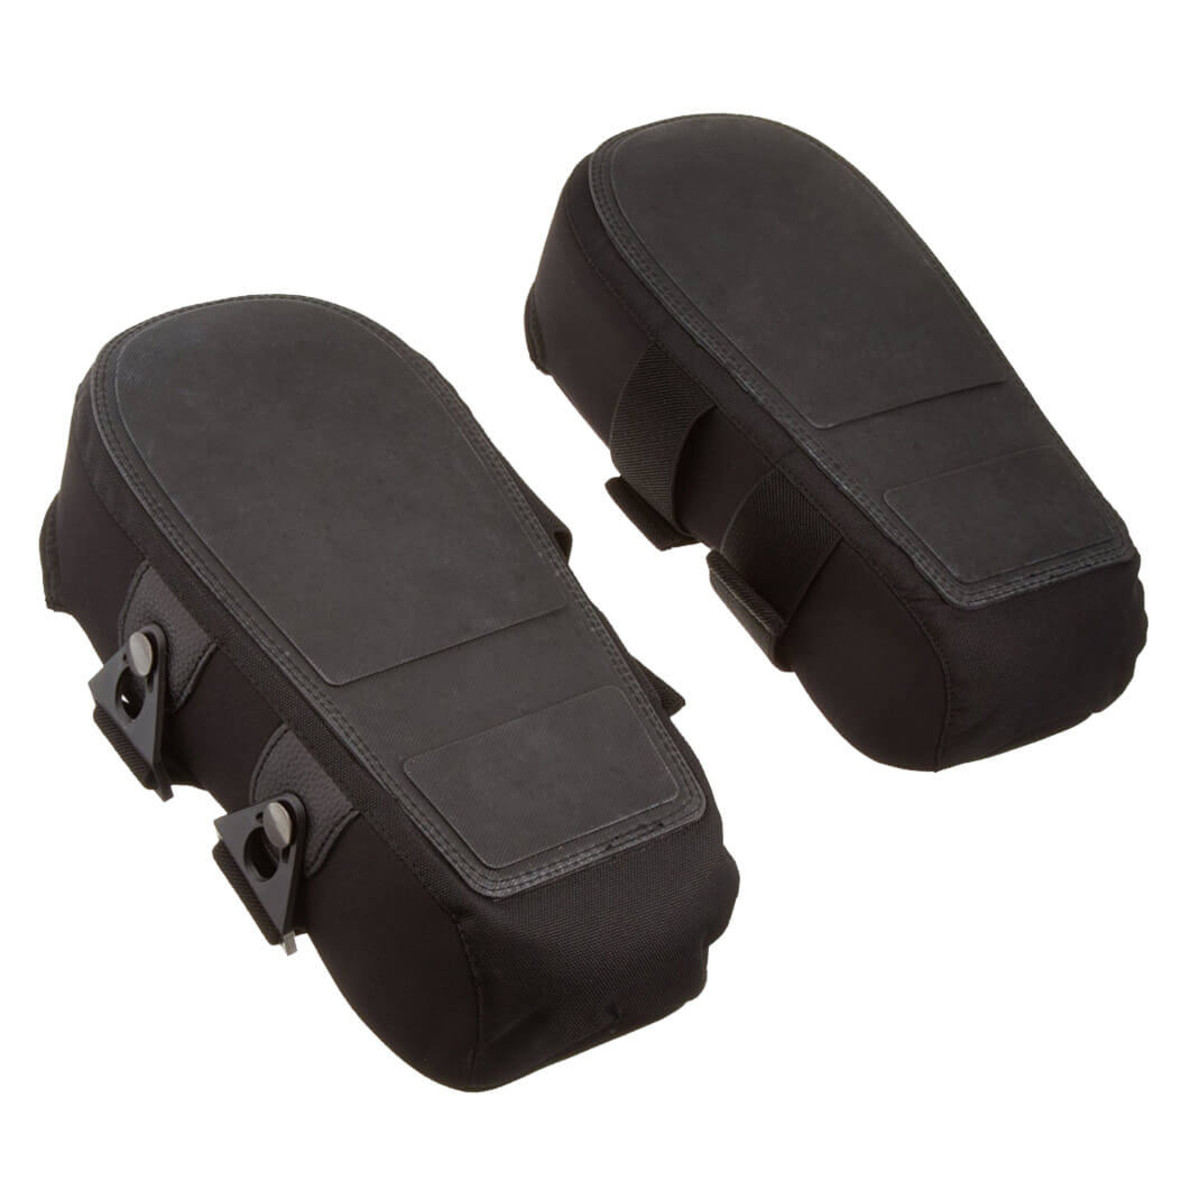 P1KP1 SuperiorBilt Knee Pads